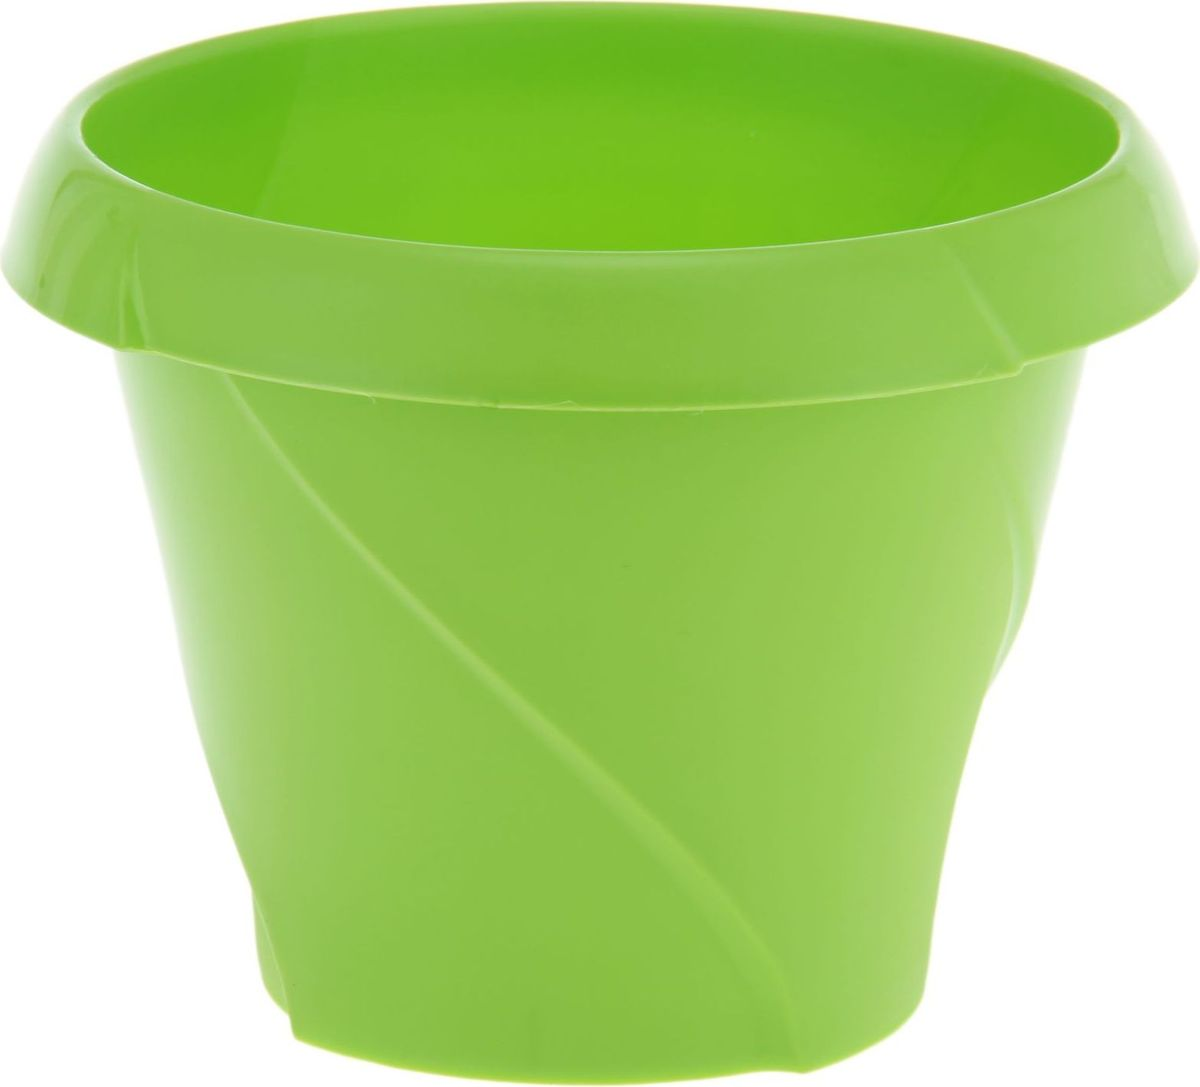 """Любой, даже самый современный и продуманный интерьер будет не завершенным без растений. Они не только очищают воздух и насыщают его кислородом, но и заметно украшают окружающее пространство. Такому полезному члену семьи просто необходимо красивое и функциональное кашпо, оригинальный горшок или необычная ваза! Мы предлагаем - Кашпо 1,4 л """"Флориана"""", d=17 см, цвет салатовый! Оптимальный выбор материала - это пластмасса! Почему мы так считаем? Малый вес. С легкостью переносите горшки и кашпо с места на место, ставьте их на столики или полки, подвешивайте под потолок, не беспокоясь о нагрузке. Простота ухода. Пластиковые изделия не нуждаются в специальных условиях хранения. Их легко чистить достаточно просто сполоснуть теплой водой. Никаких царапин. Пластиковые кашпо не царапают и не загрязняют поверхности, на которых стоят. Пластик дольше хранит влагу, а значит растение реже нуждается в поливе. Пластмасса не пропускает воздух корневой системе растения не грозят резкие перепады температур. Огромный выбор форм, декора и расцветок вы без труда подберете что-то, что идеально впишется в уже существующий интерьер. Соблюдая нехитрые правила ухода, вы можете заметно продлить срок службы горшков, вазонов и кашпо из пластика: всегда учитывайте размер кроны и корневой системы растения (при разрастании большое растение способно повредить маленький горшок) берегите изделие от воздействия прямых солнечных лучей, чтобы кашпо и горшки не выцветали держите кашпо и горшки из пластика подальше от нагревающихся поверхностей. Создавайте прекрасные цветочные композиции, выращивайте рассаду или необычные растения, а низкие цены позволят вам не ограничивать себя в выборе."""